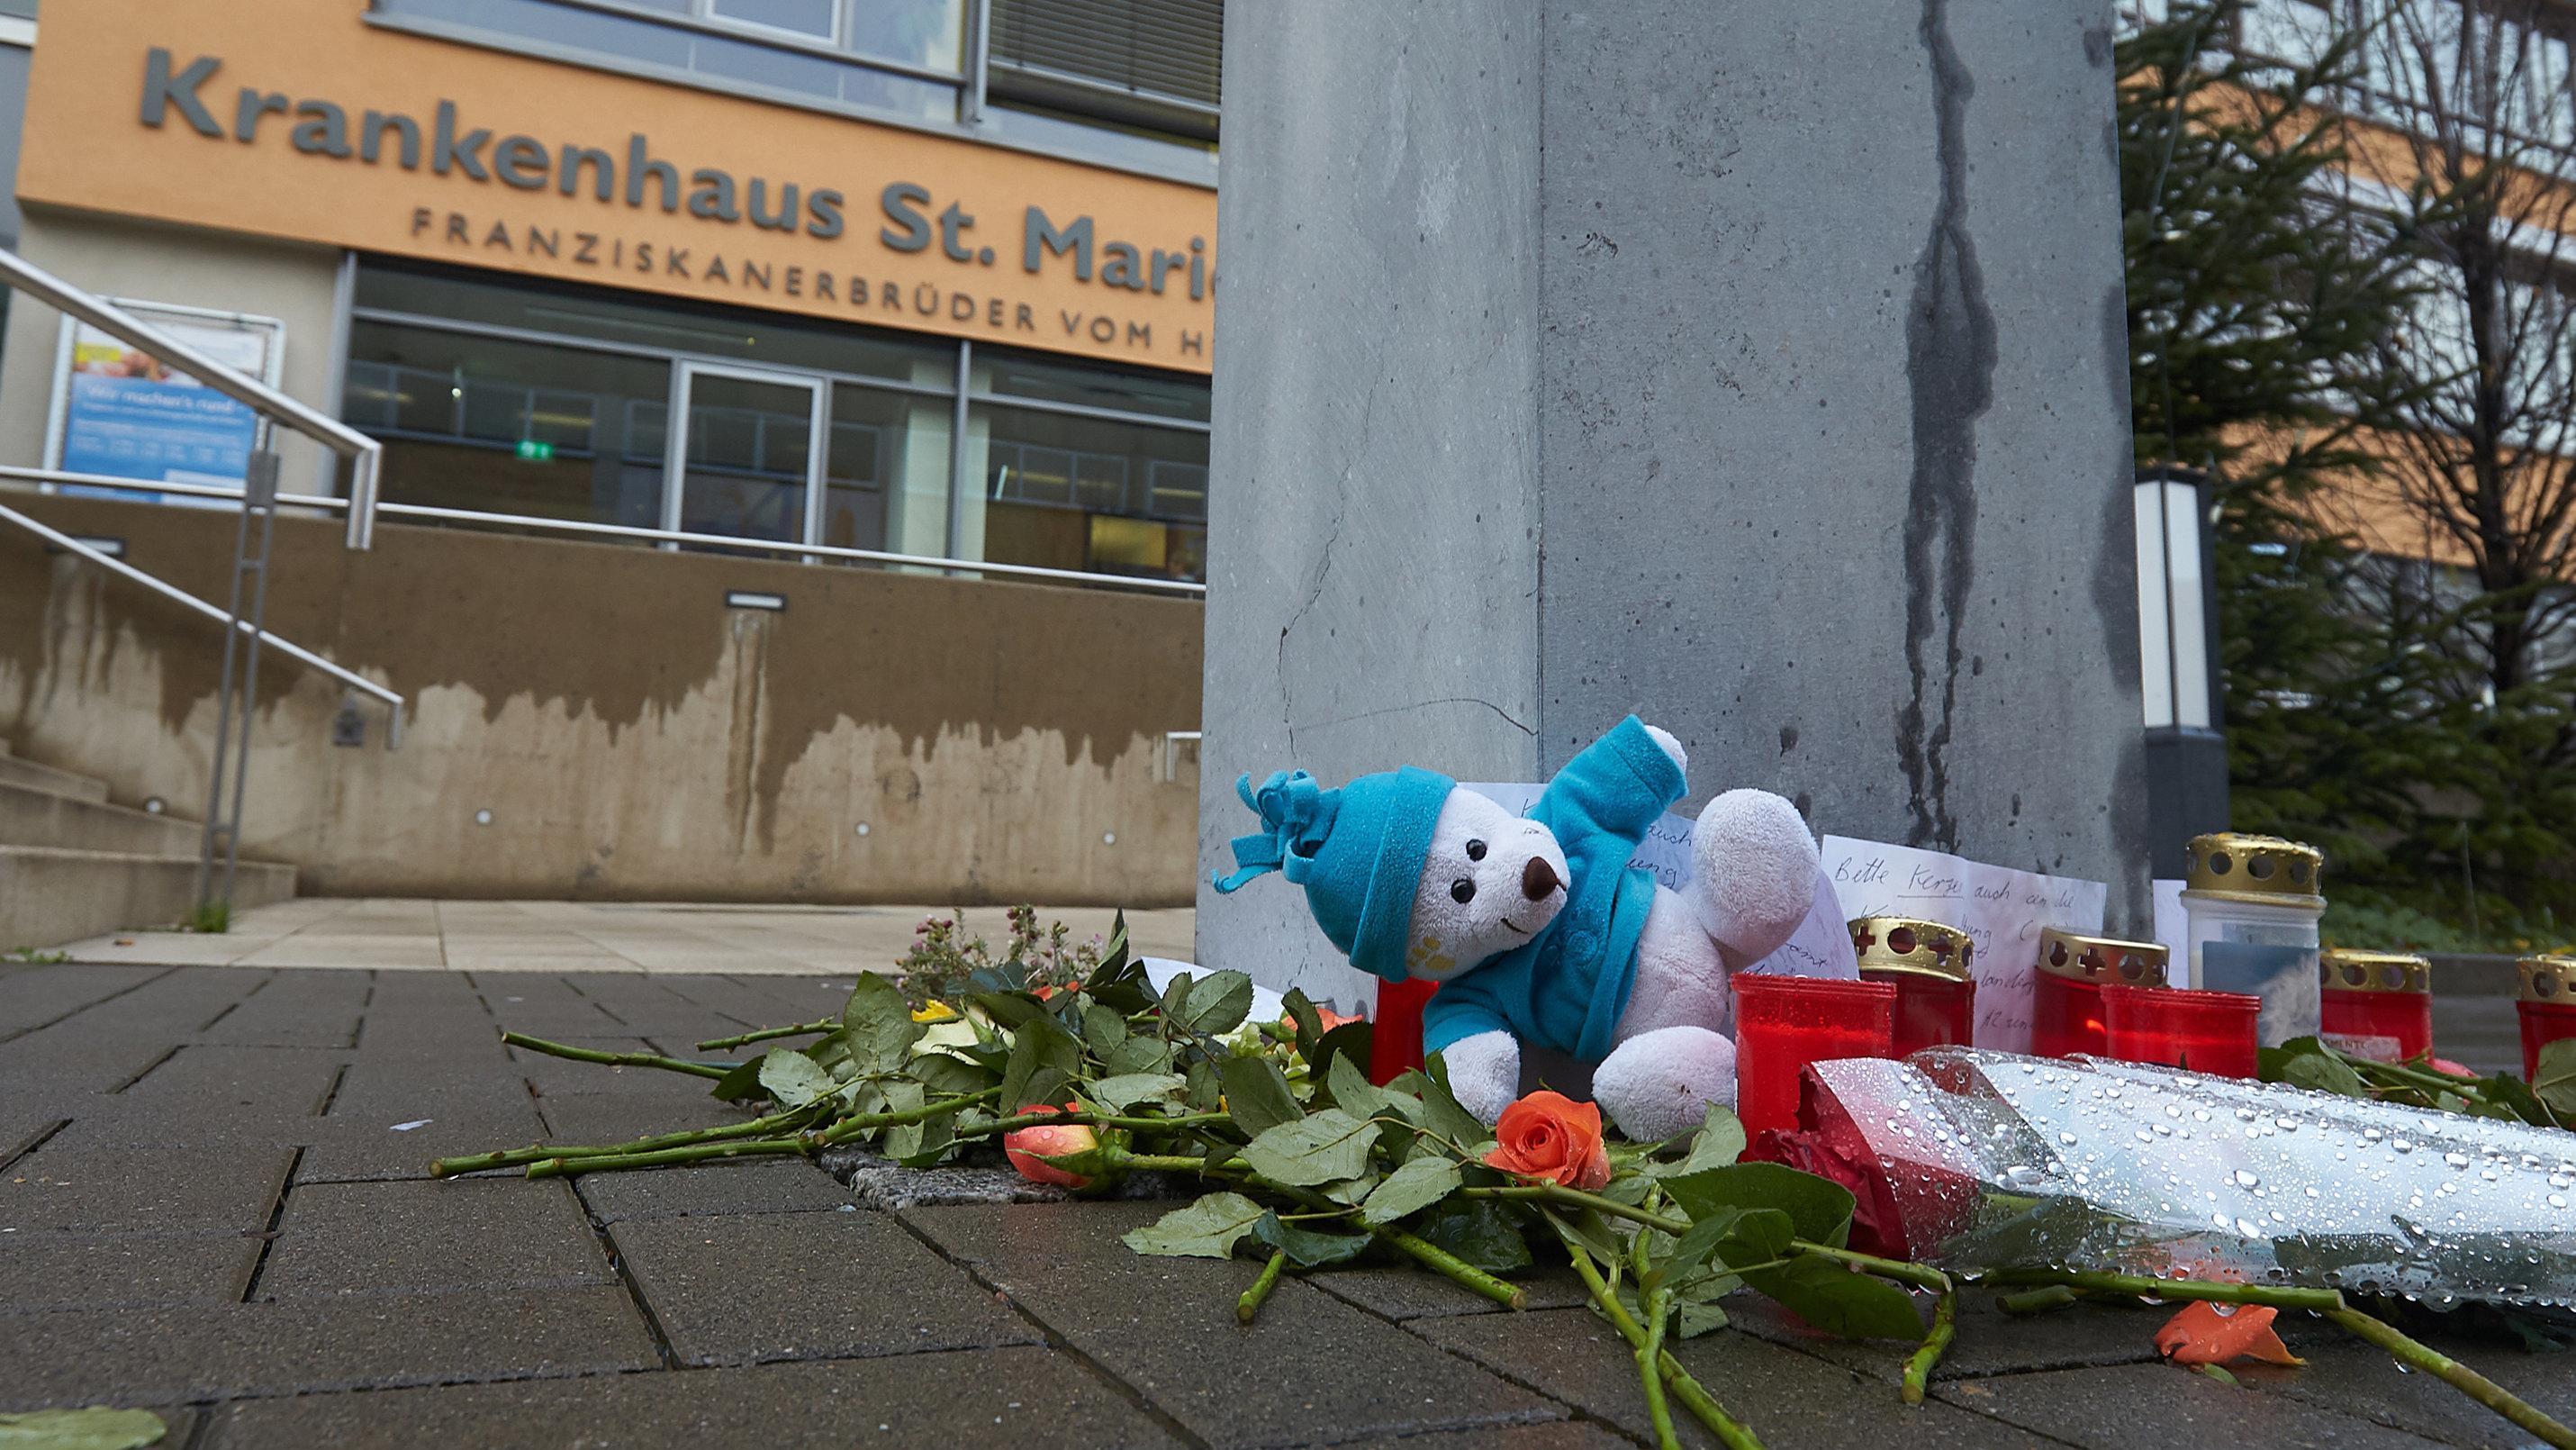 Rheinland-Pfalz, Bad Kreuznach: Kerzen und ein Kuscheltier wurden vor dem Eingang zum Krankenhaus Marienwörth in Bad Kreuznach abgelegt.